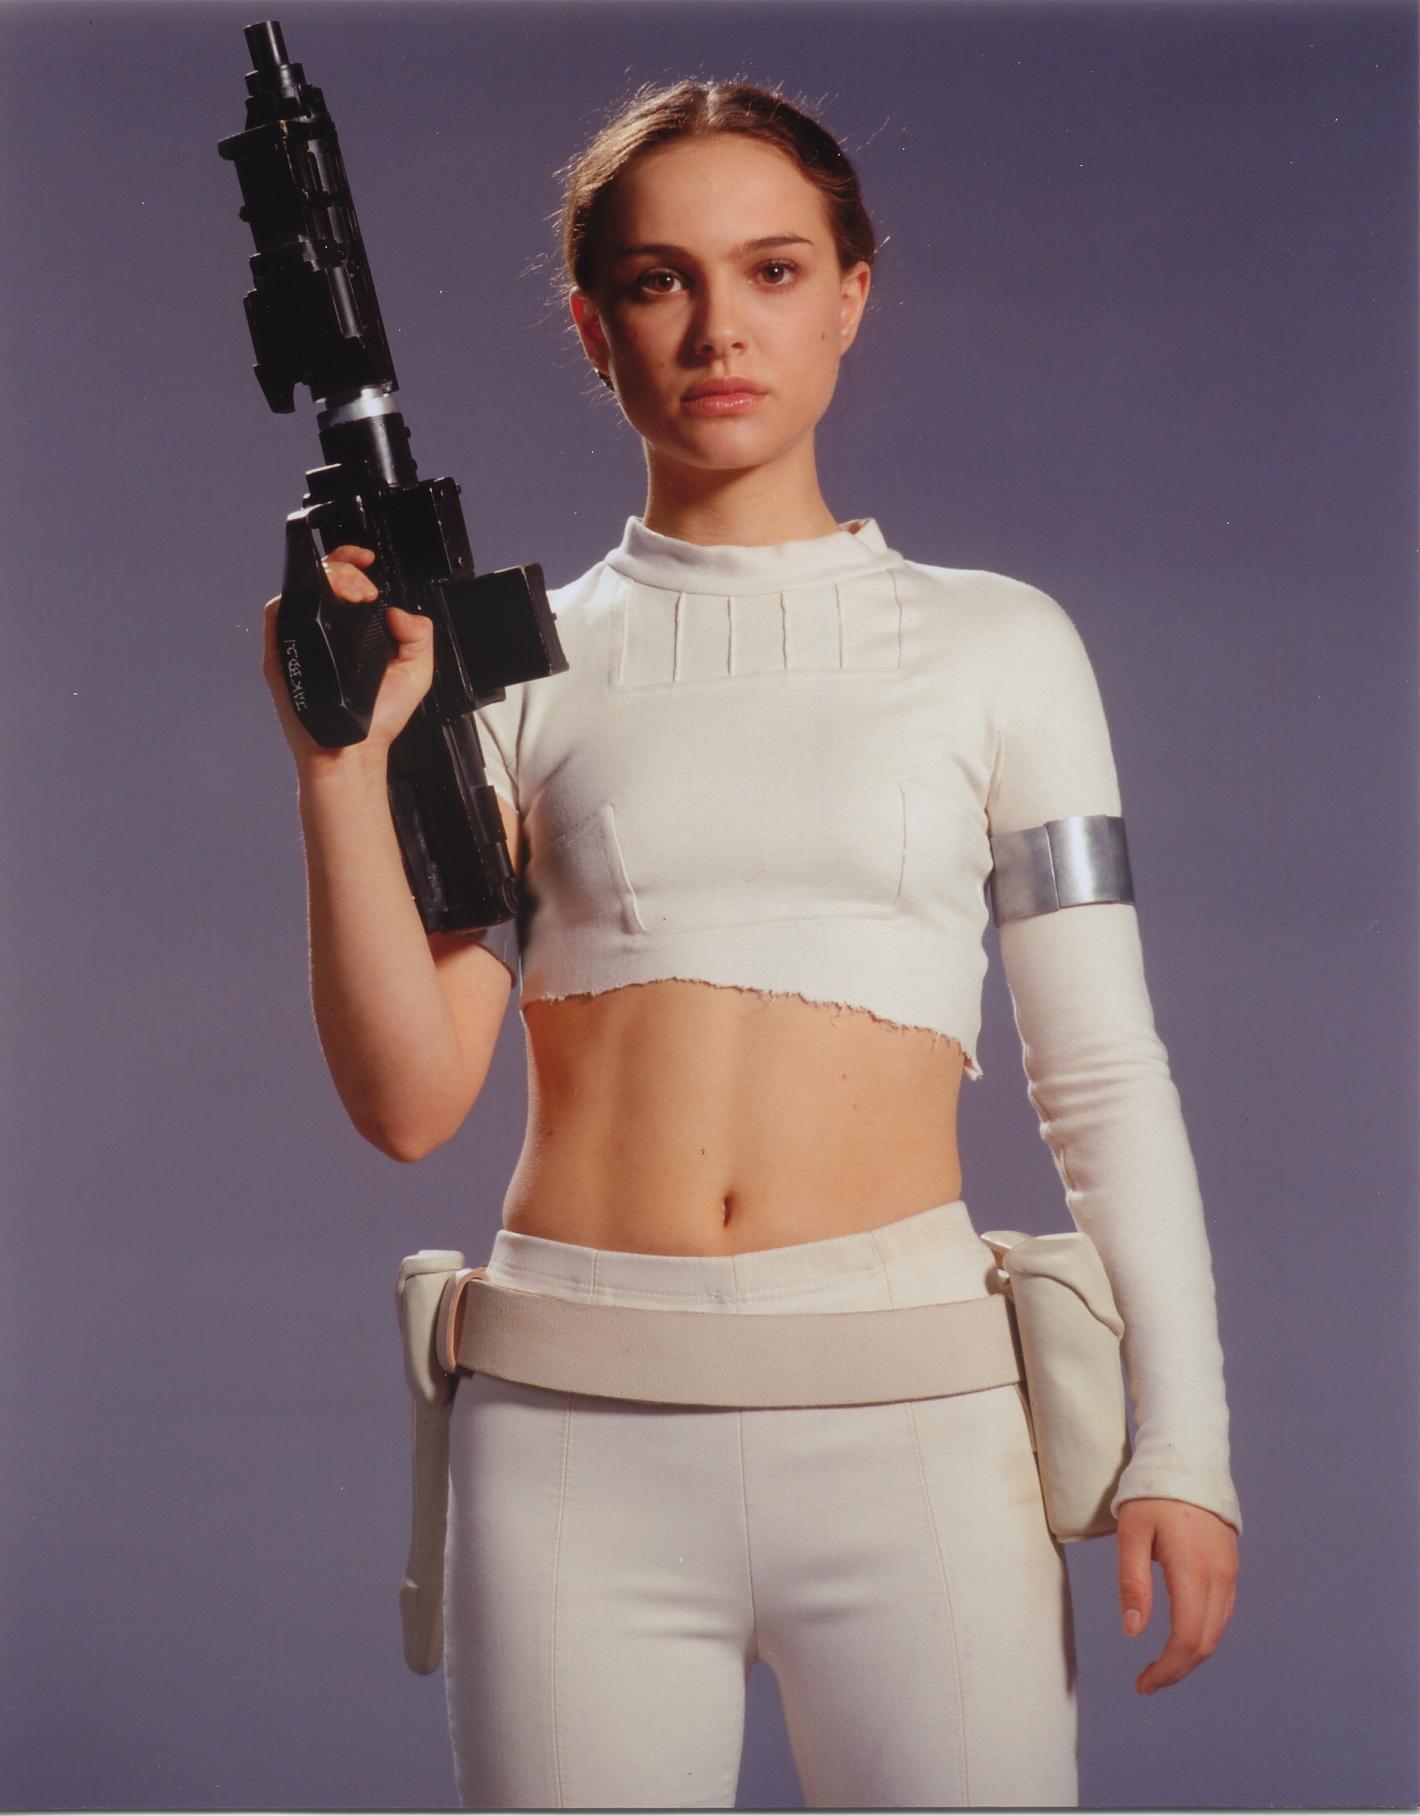 Natalie Portman pense que la prélogie Star Wars est le ... Natalie Portman Jackie